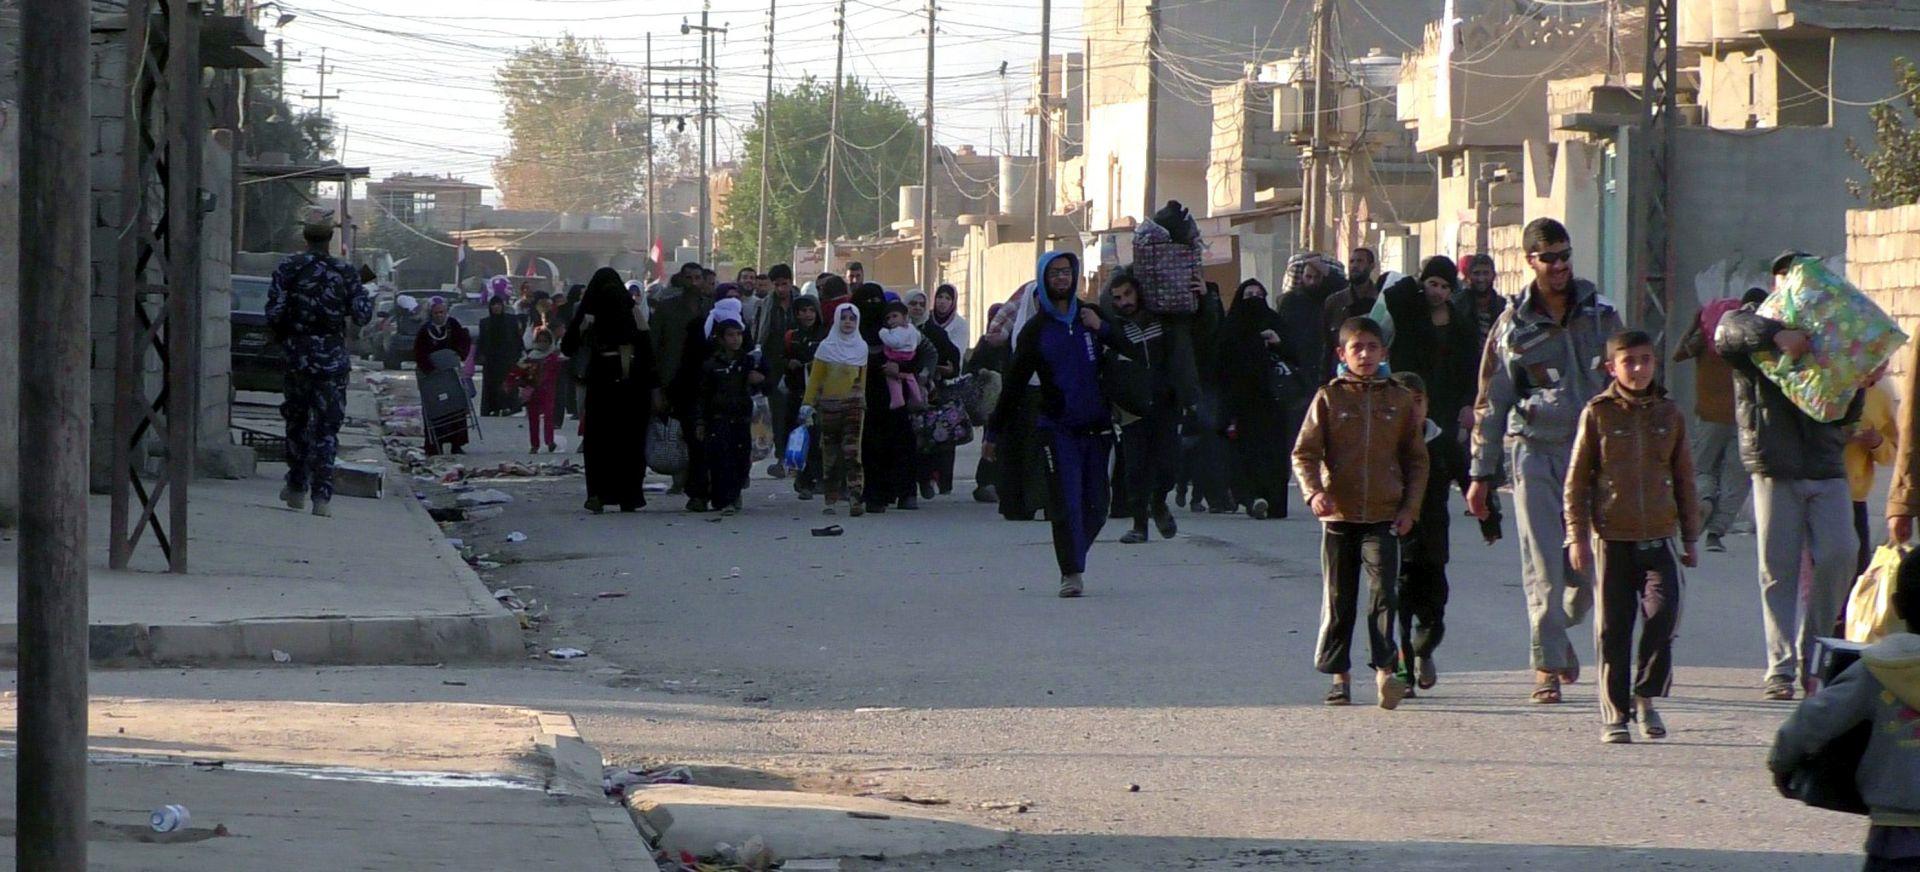 HAMMAM AL-ALIL Pronađena masovna grobnica sa više od 100 obezglavljenih tijela